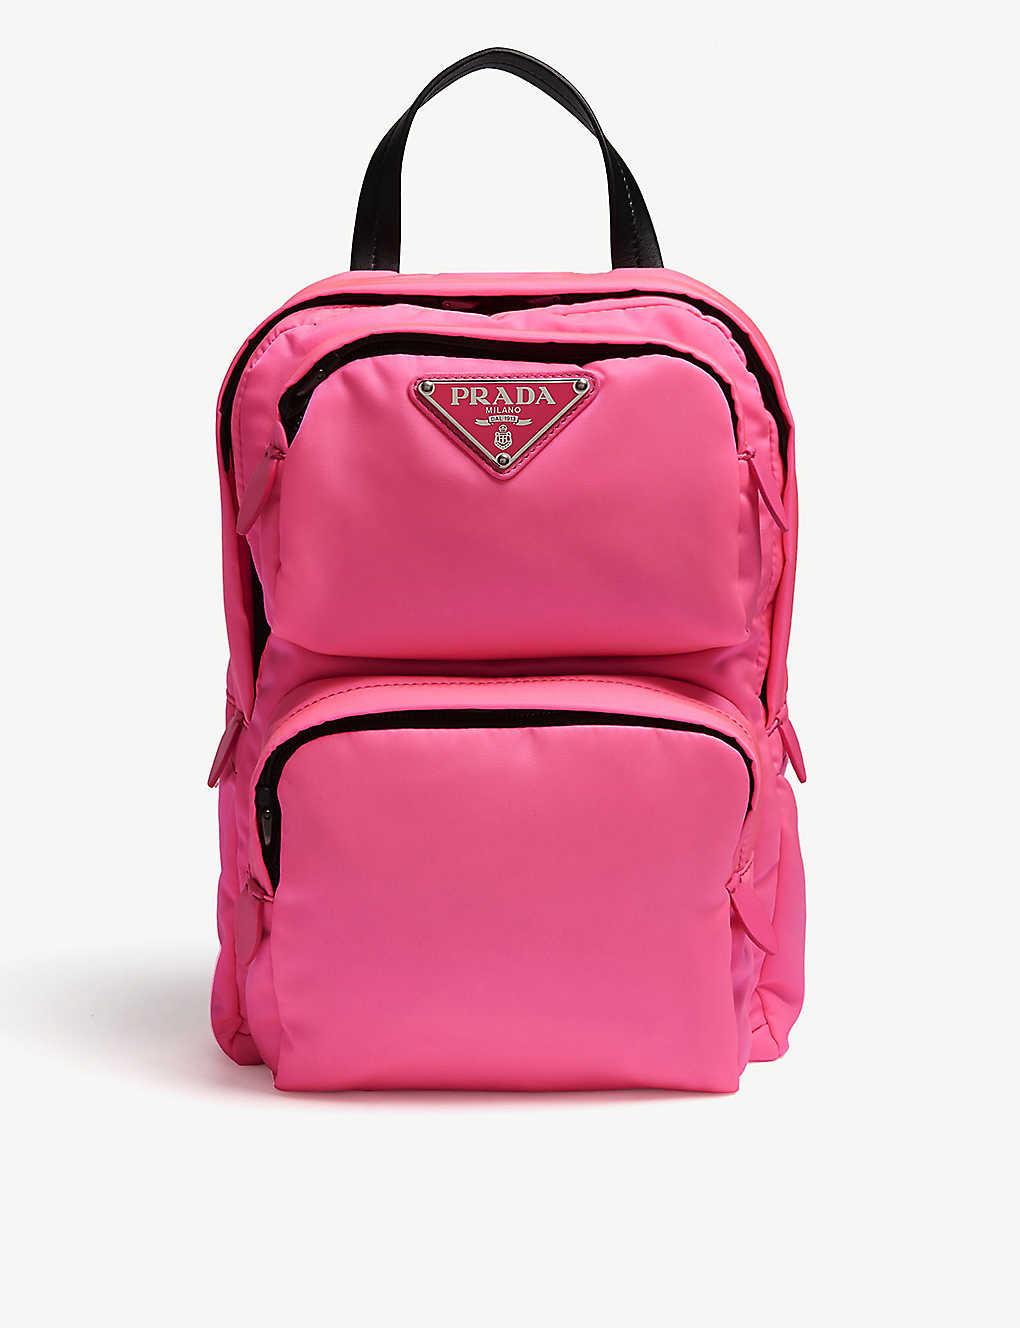 bddf0b7af14c PRADA - One-shoulder nylon backpack | Selfridges.com